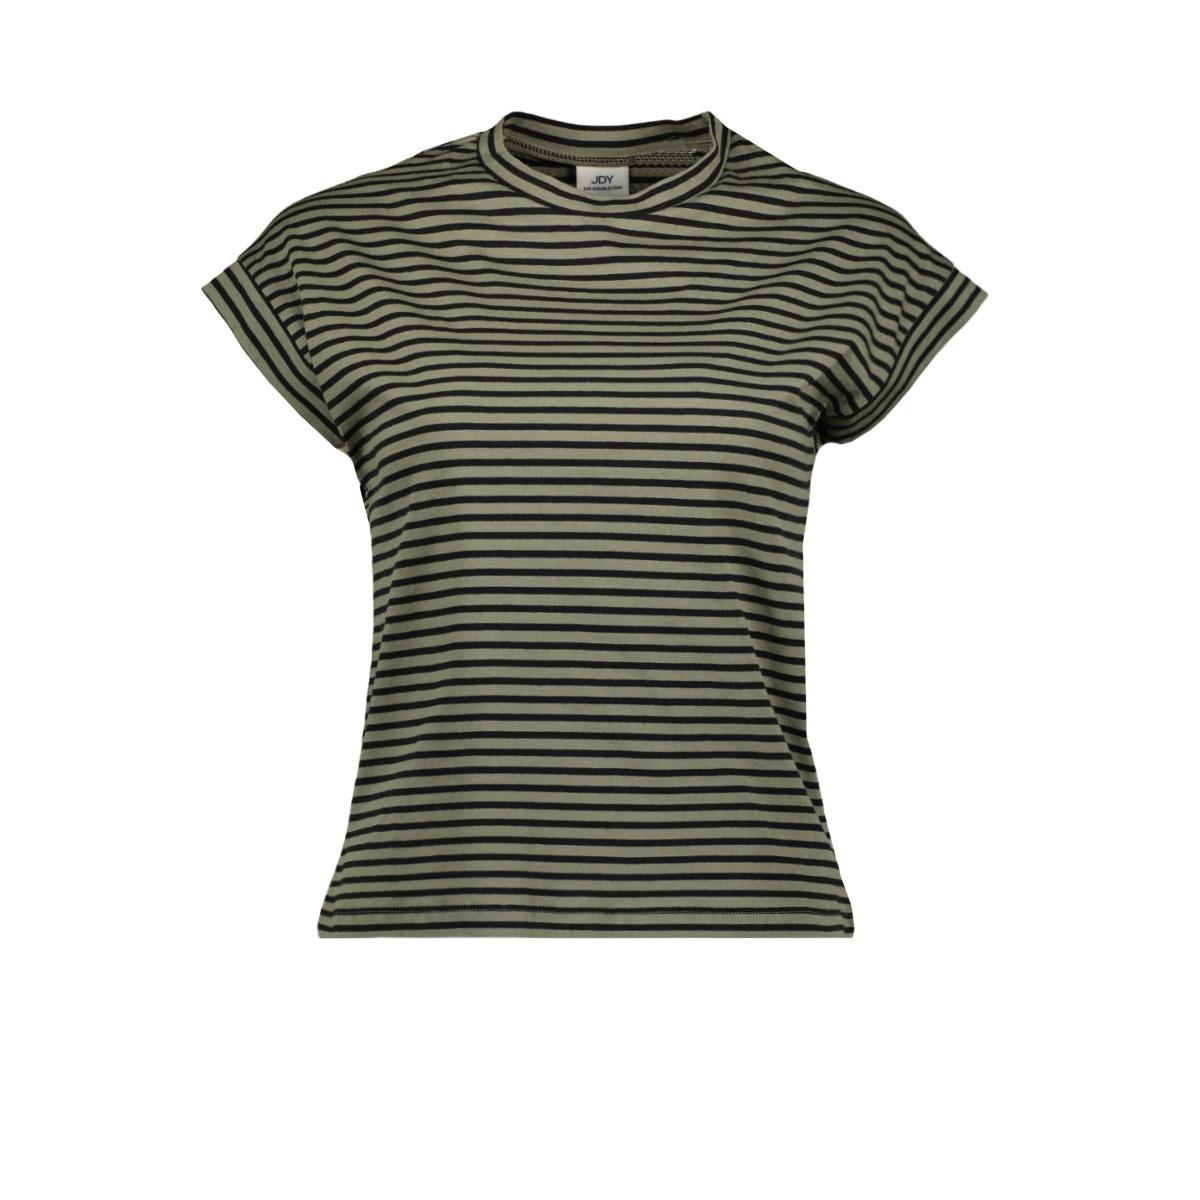 jdyditte s/s stripe top denim jrs 15181966 jacqueline de yong t-shirt dusty olive/stripes